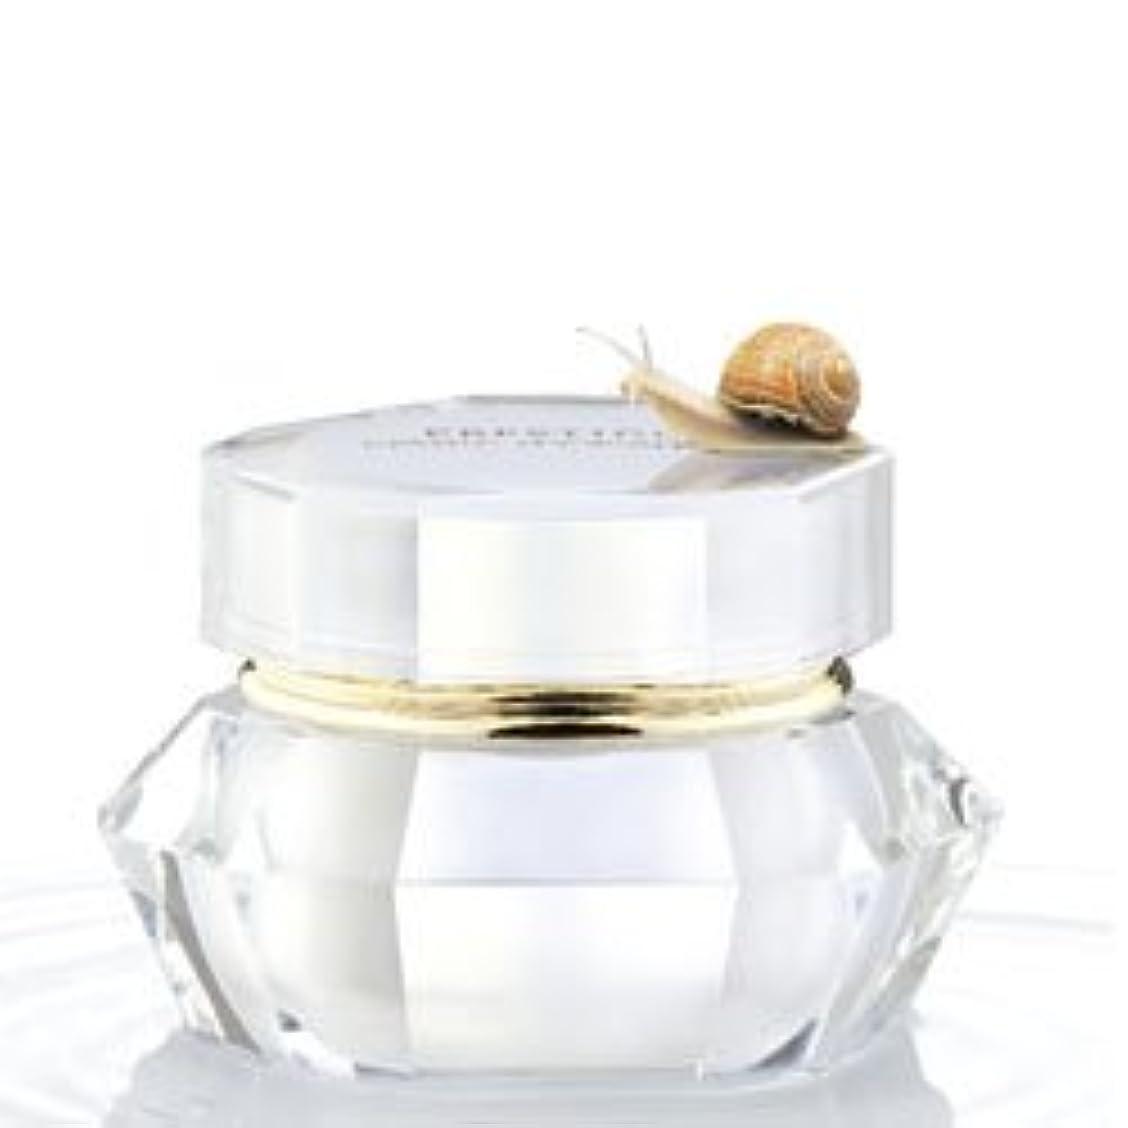 粒子汗ハウジングイッツスキン プレステージ エスカルゴ カタツムリ クリーム(60ml×1点)It's Skin Prestige Snail Escargot Cream